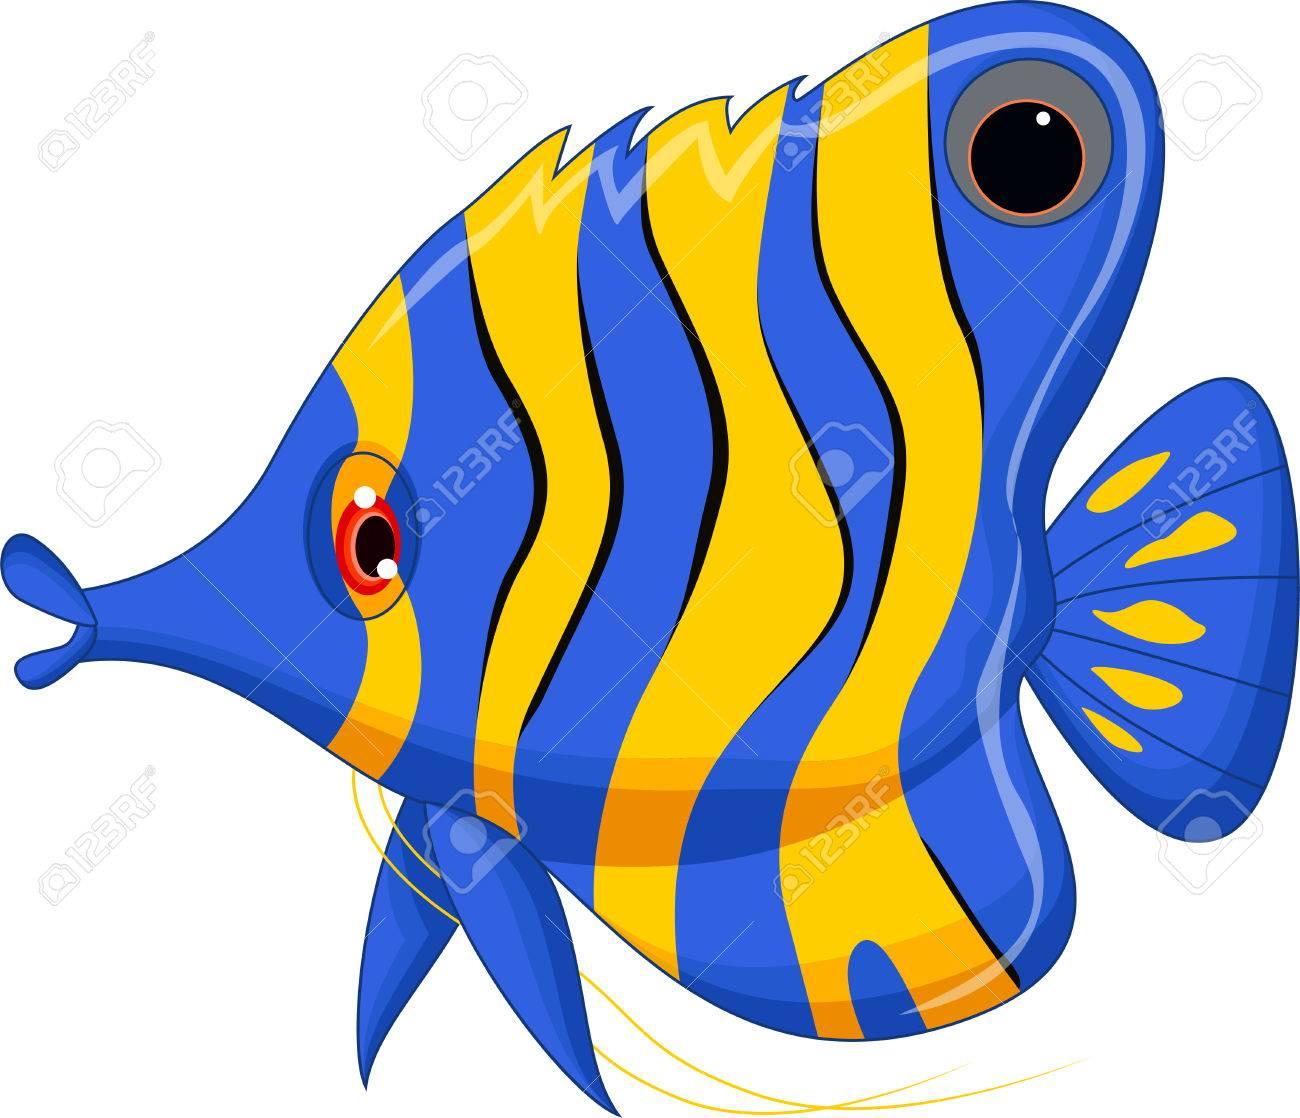 cute cartoon angel fish - 38015203